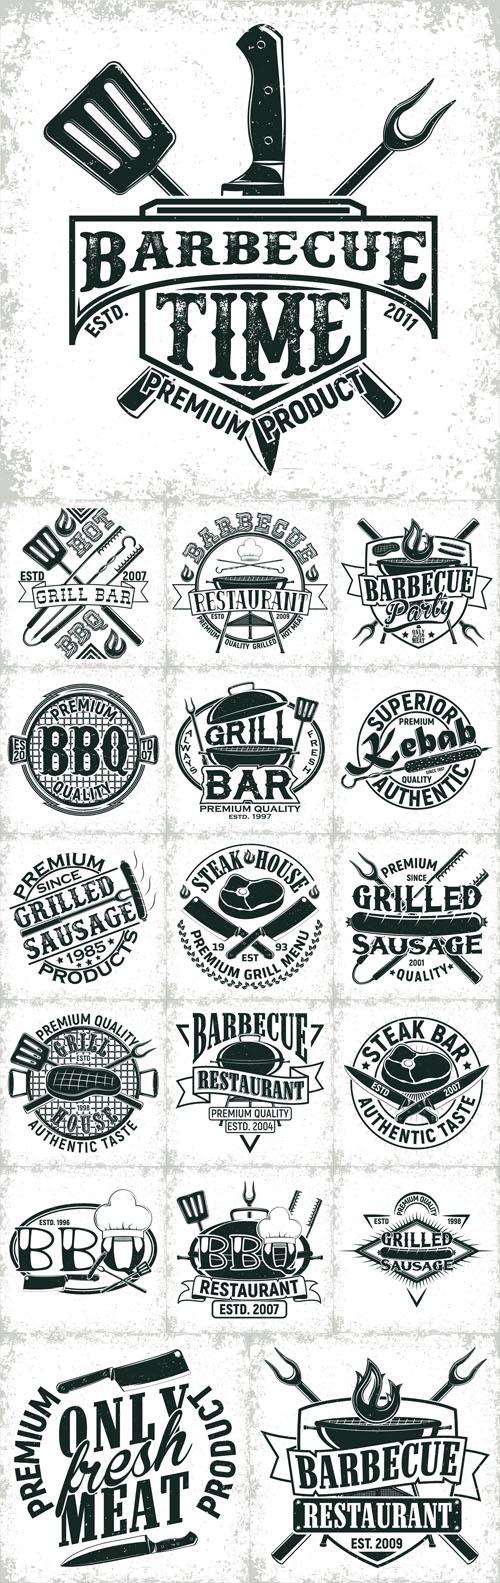 Vector Barbeacue Vintage Logos Design